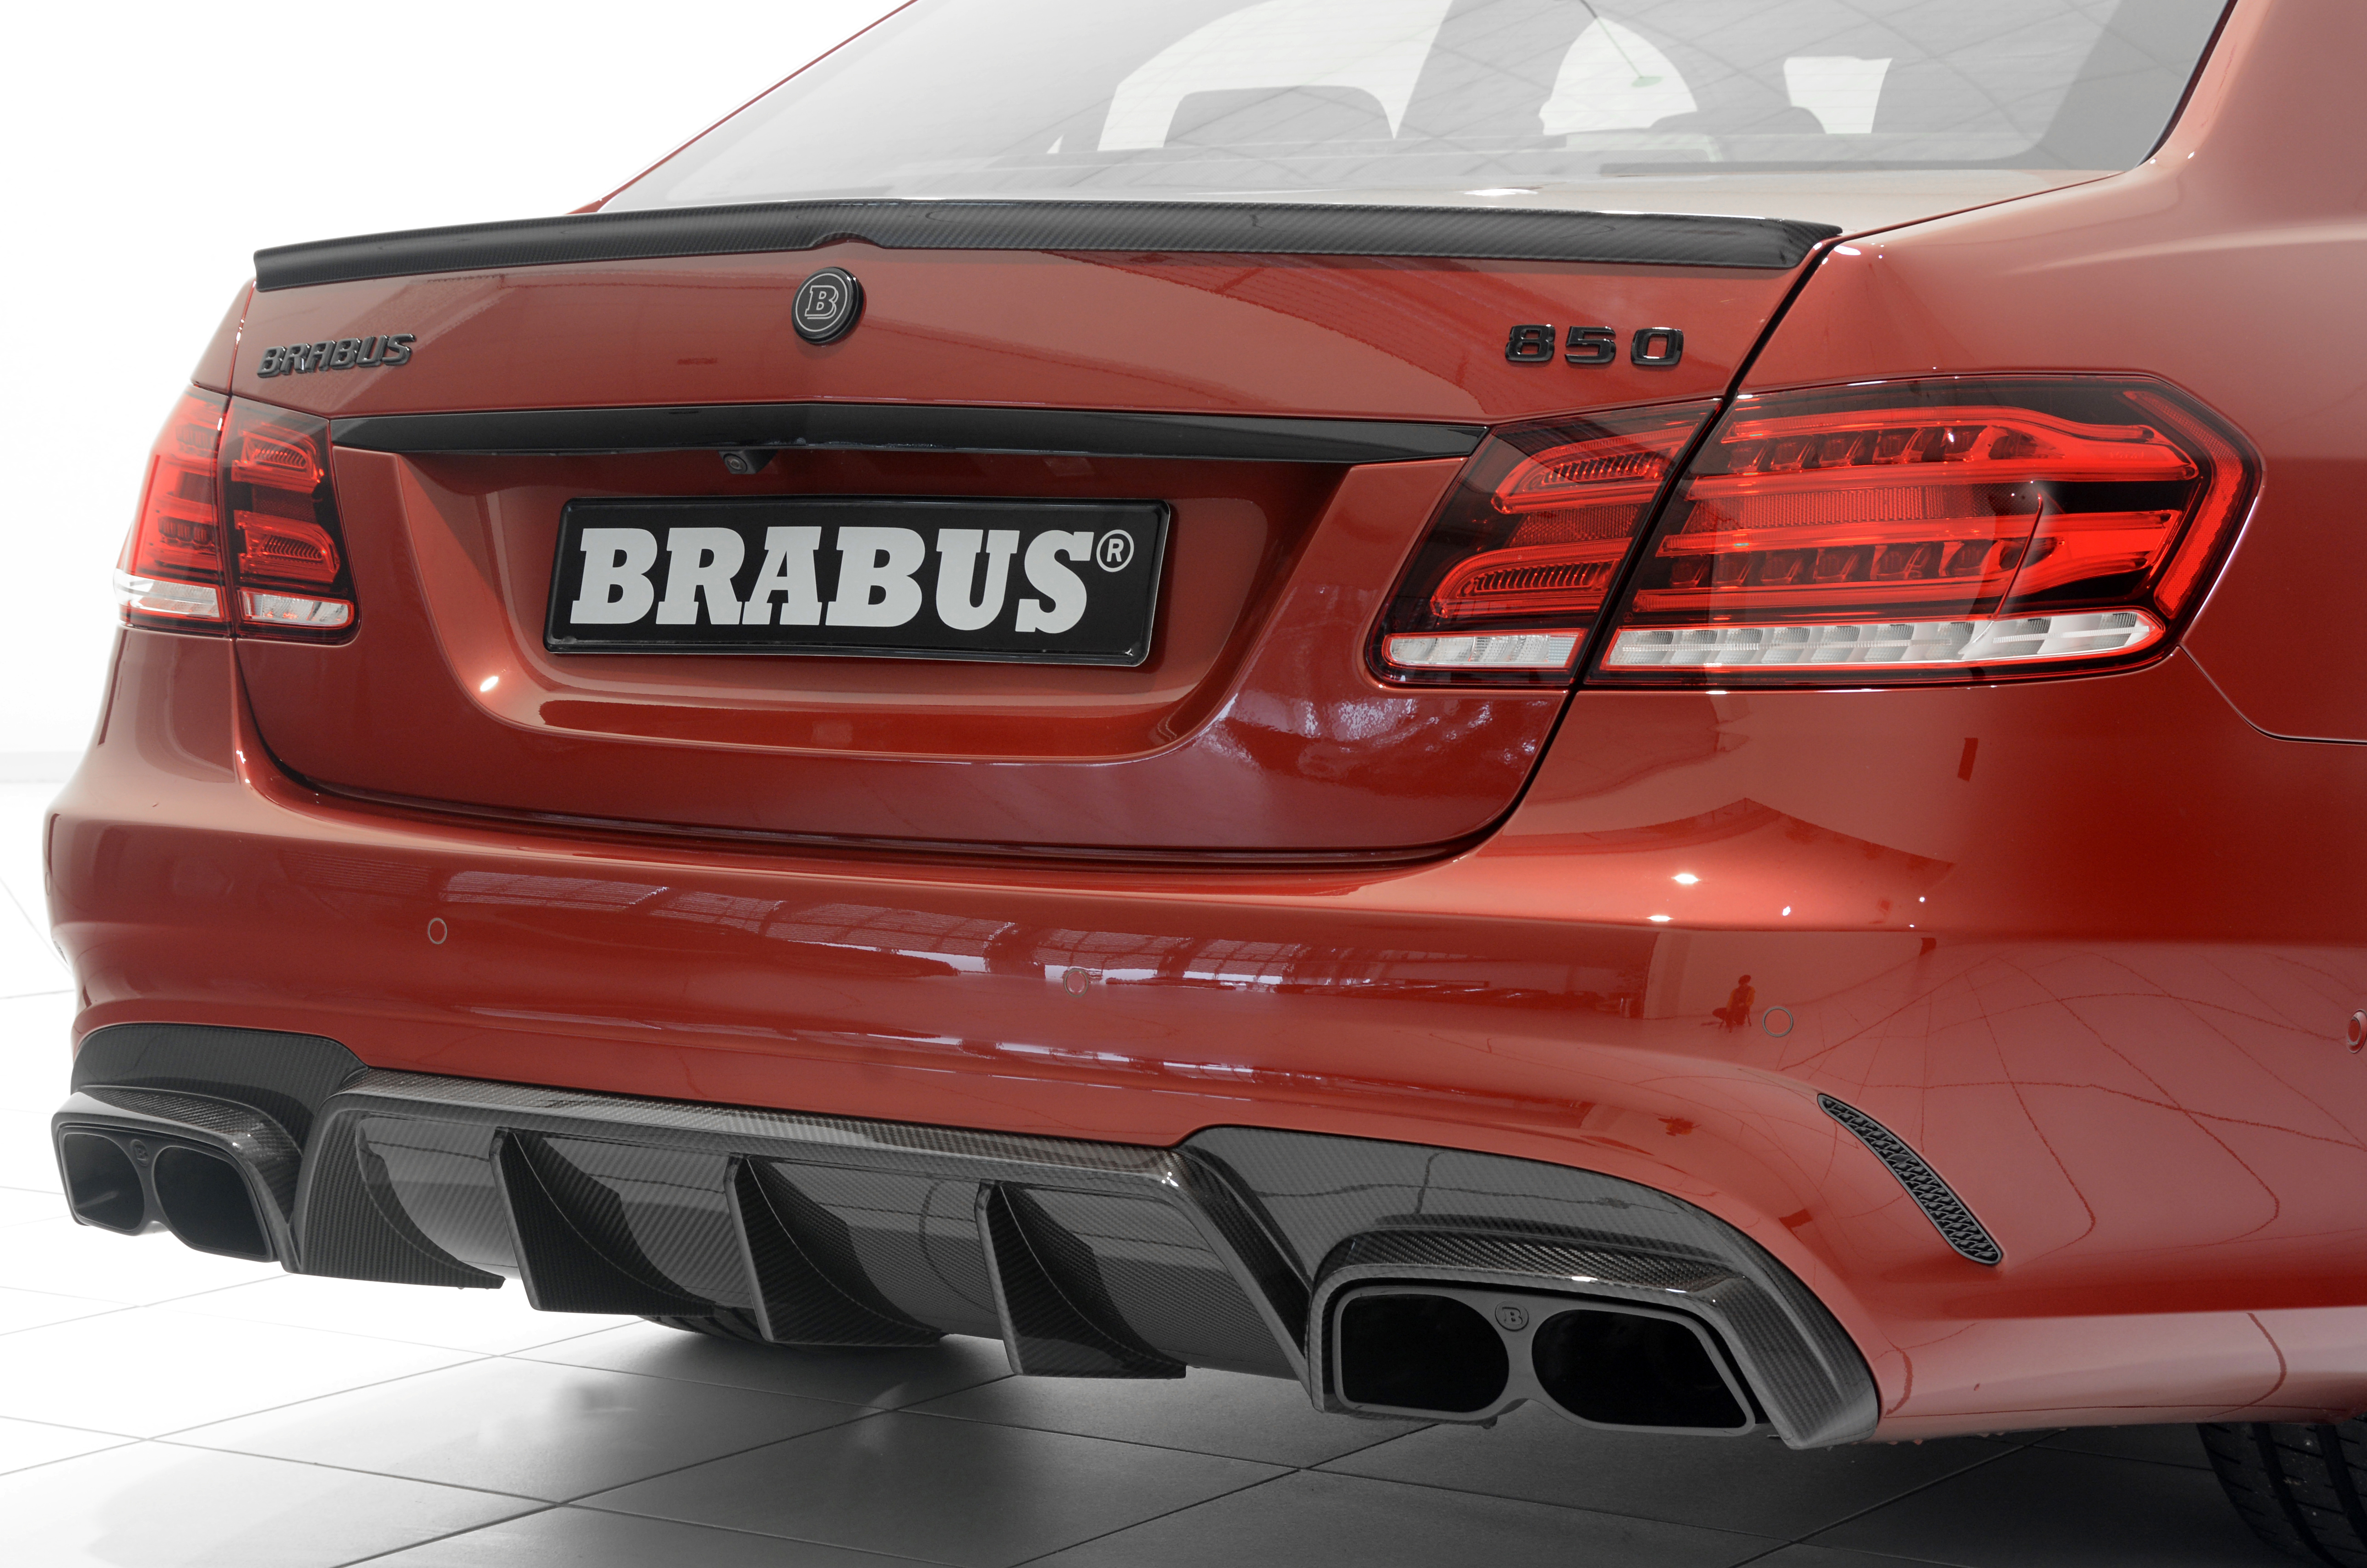 Nouvelle Brabus 850 6 0 Biturbo Moins De Cylindres Mais